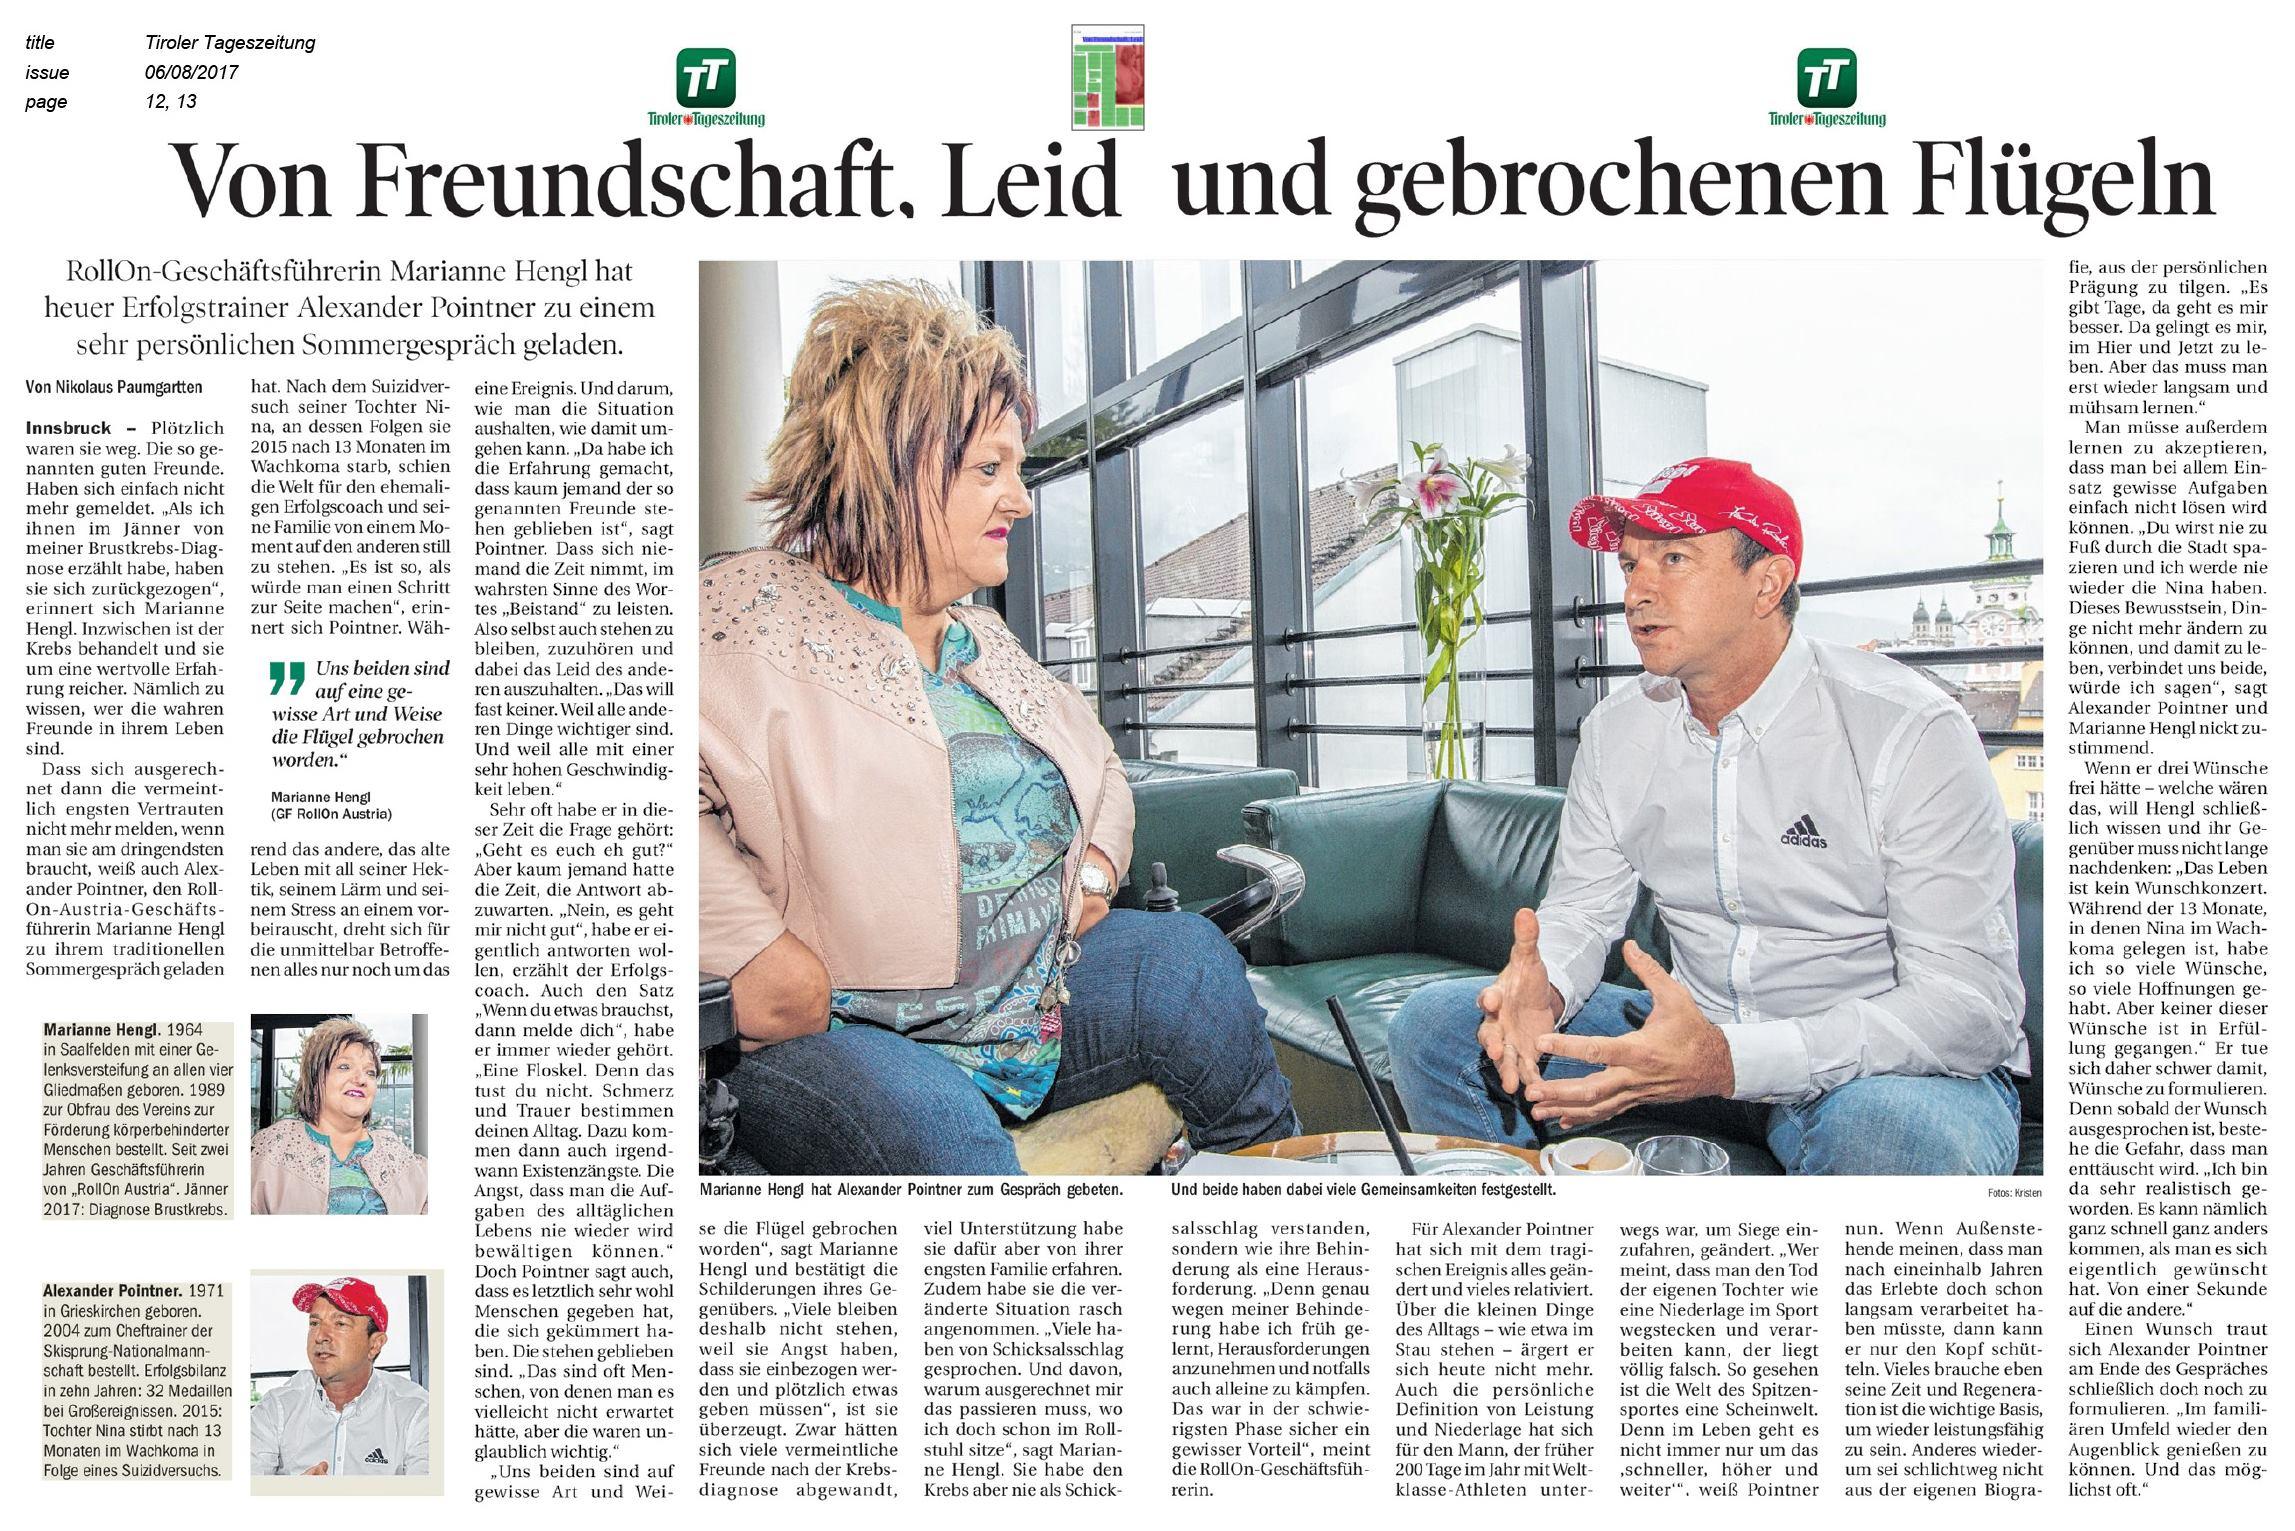 06.08.17 Tiroler Tageszeitung